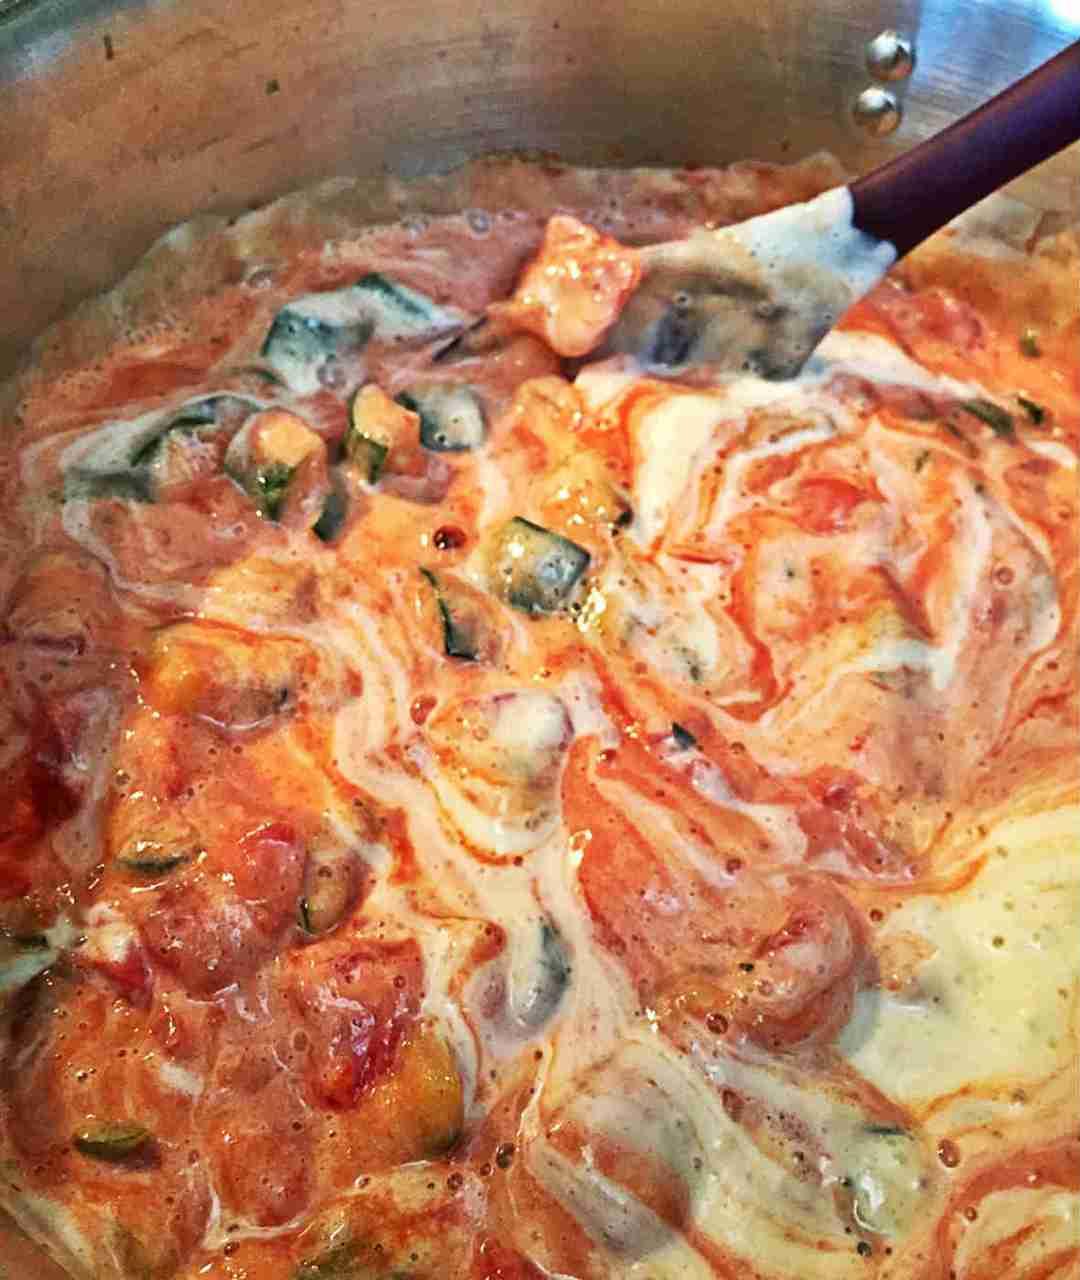 Stir in cream sauce